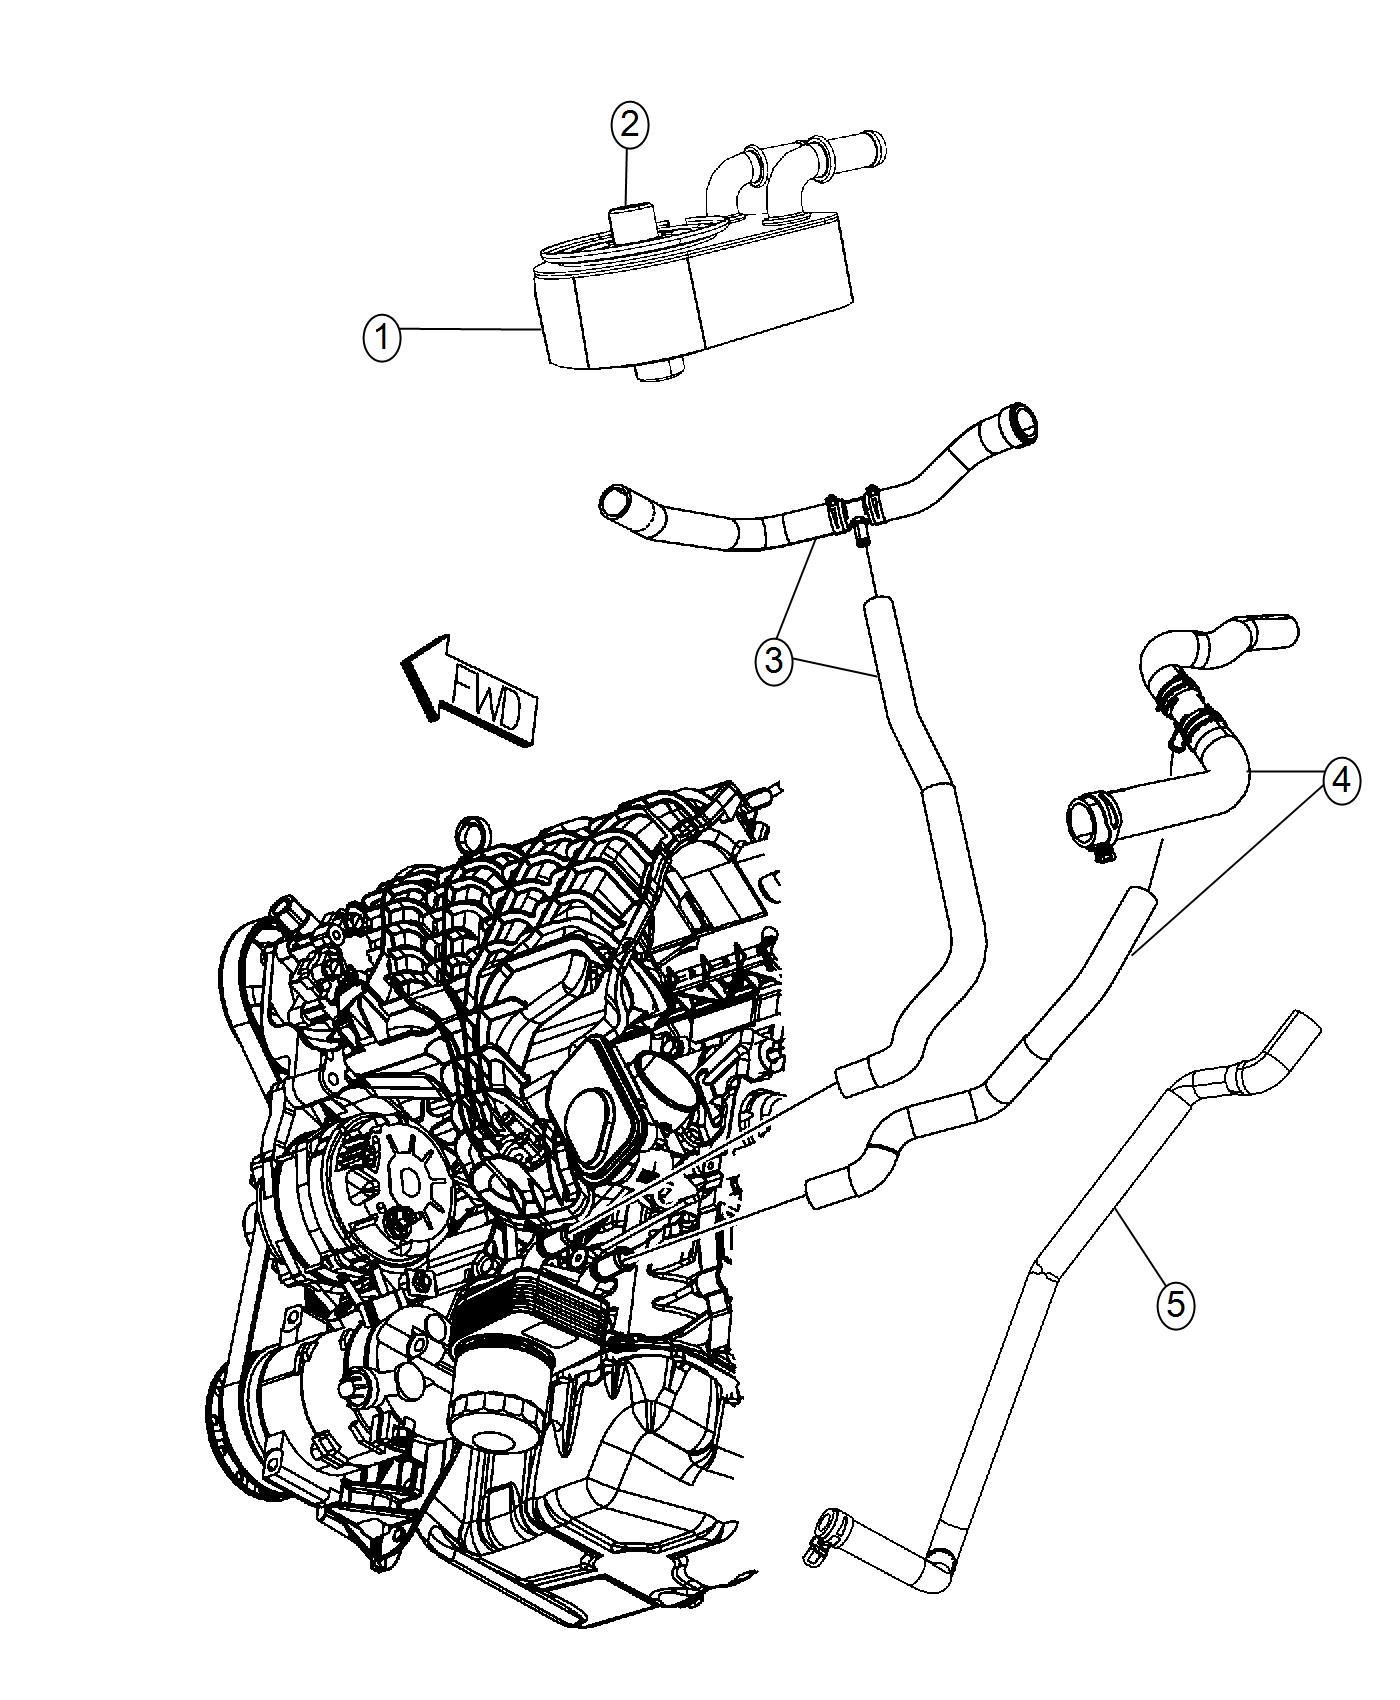 2007 Dodge Caliber Hose. Oil cooler outlet, radiator